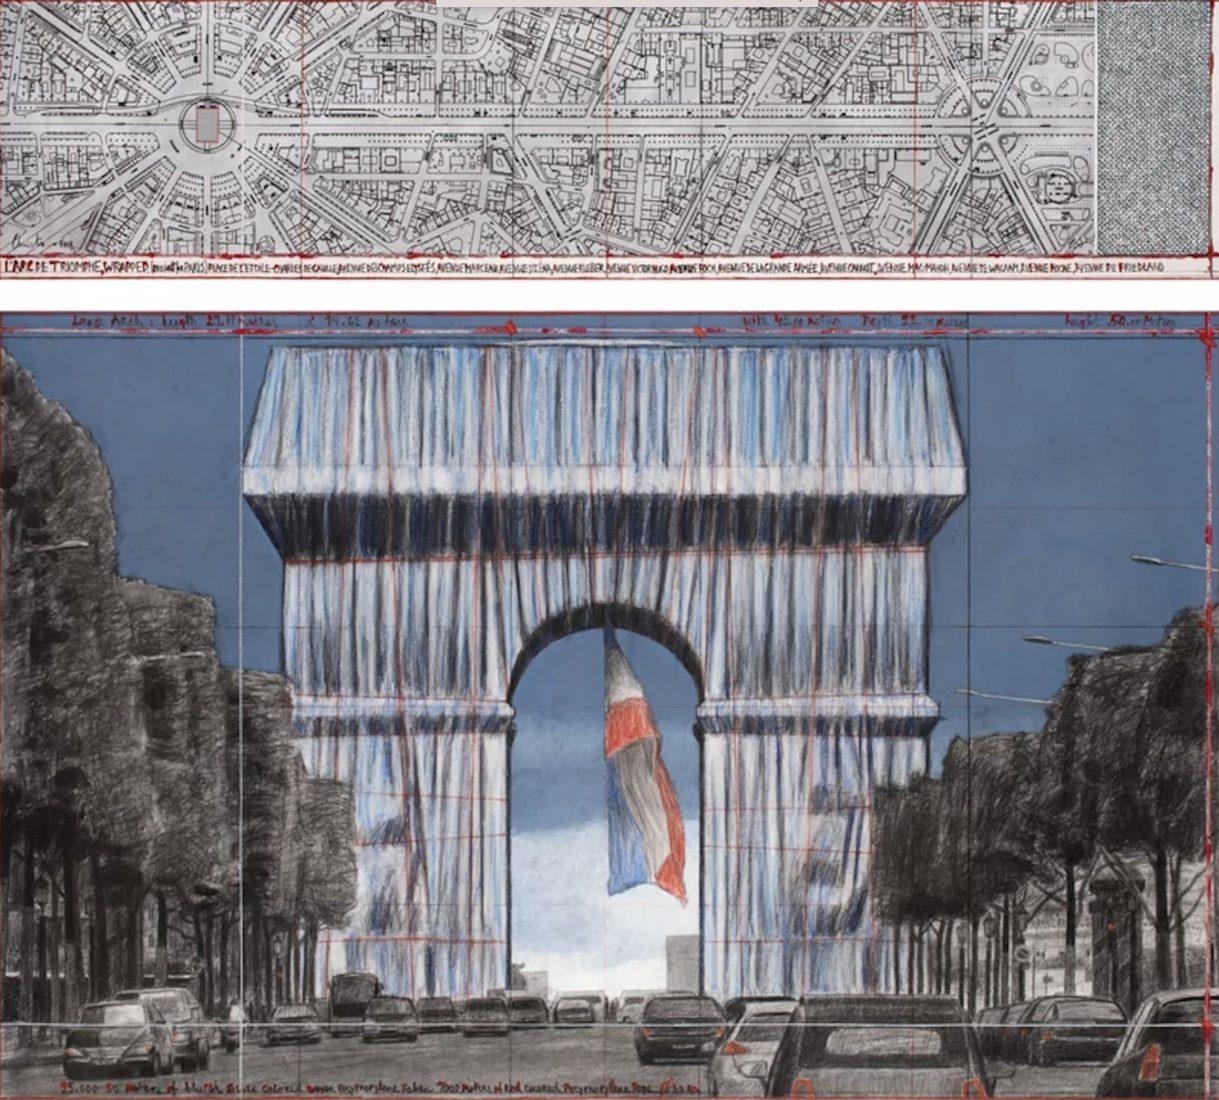 Christo projet l'Arc de Triomphe empaqueté - Dessin en 2 parties